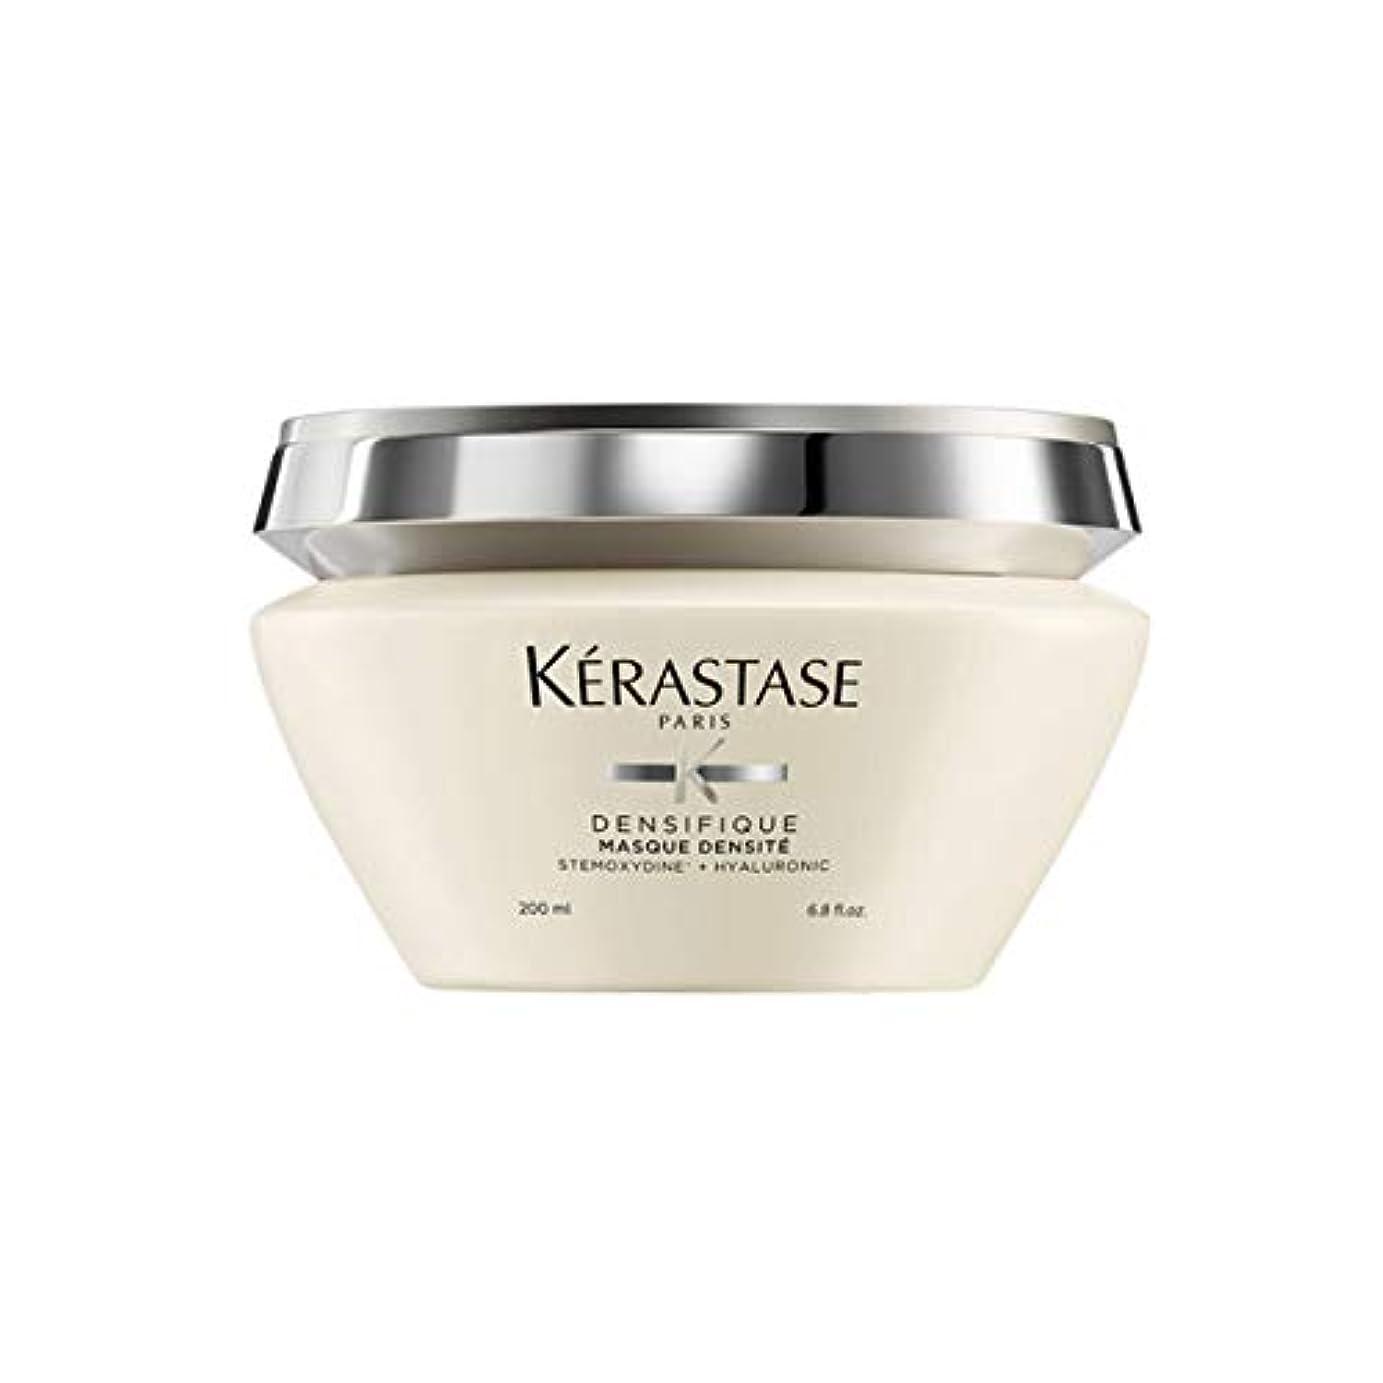 空洞解放伴うKERASTASE(ケラスターゼ) DS マスク デンシフィック 200g